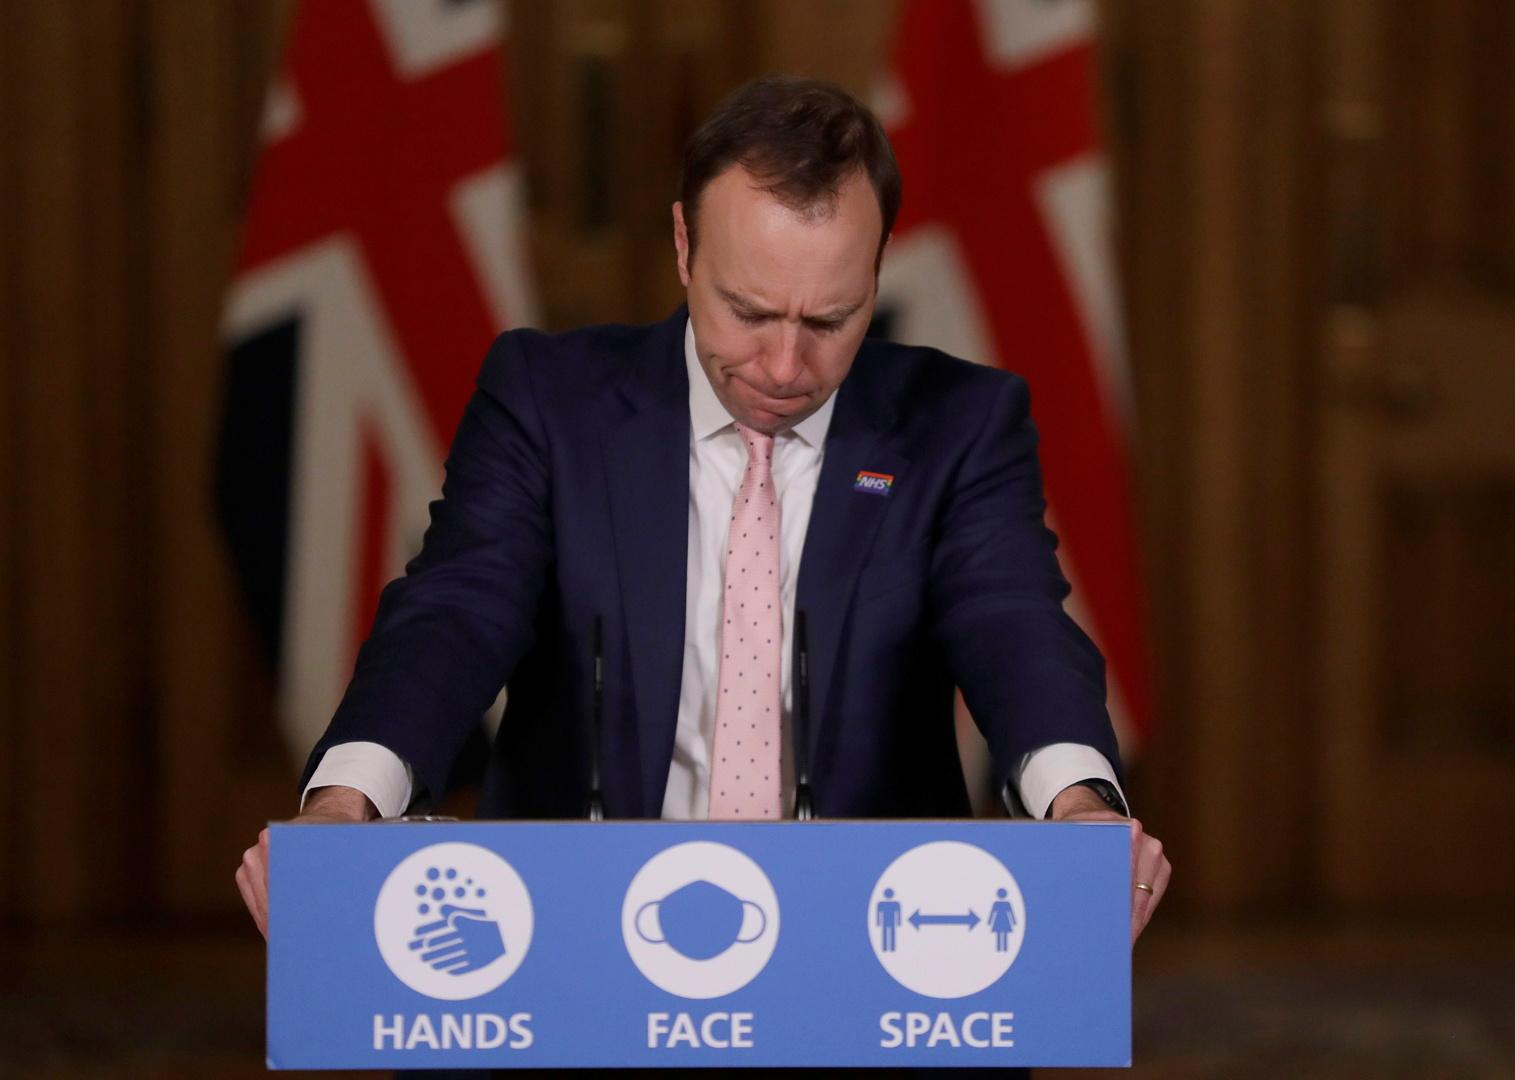 بريطانيا: سلالة كورونا الجديدة تشكل ضغطا بالغا ونحن في أسوأ نقطة للجائحة